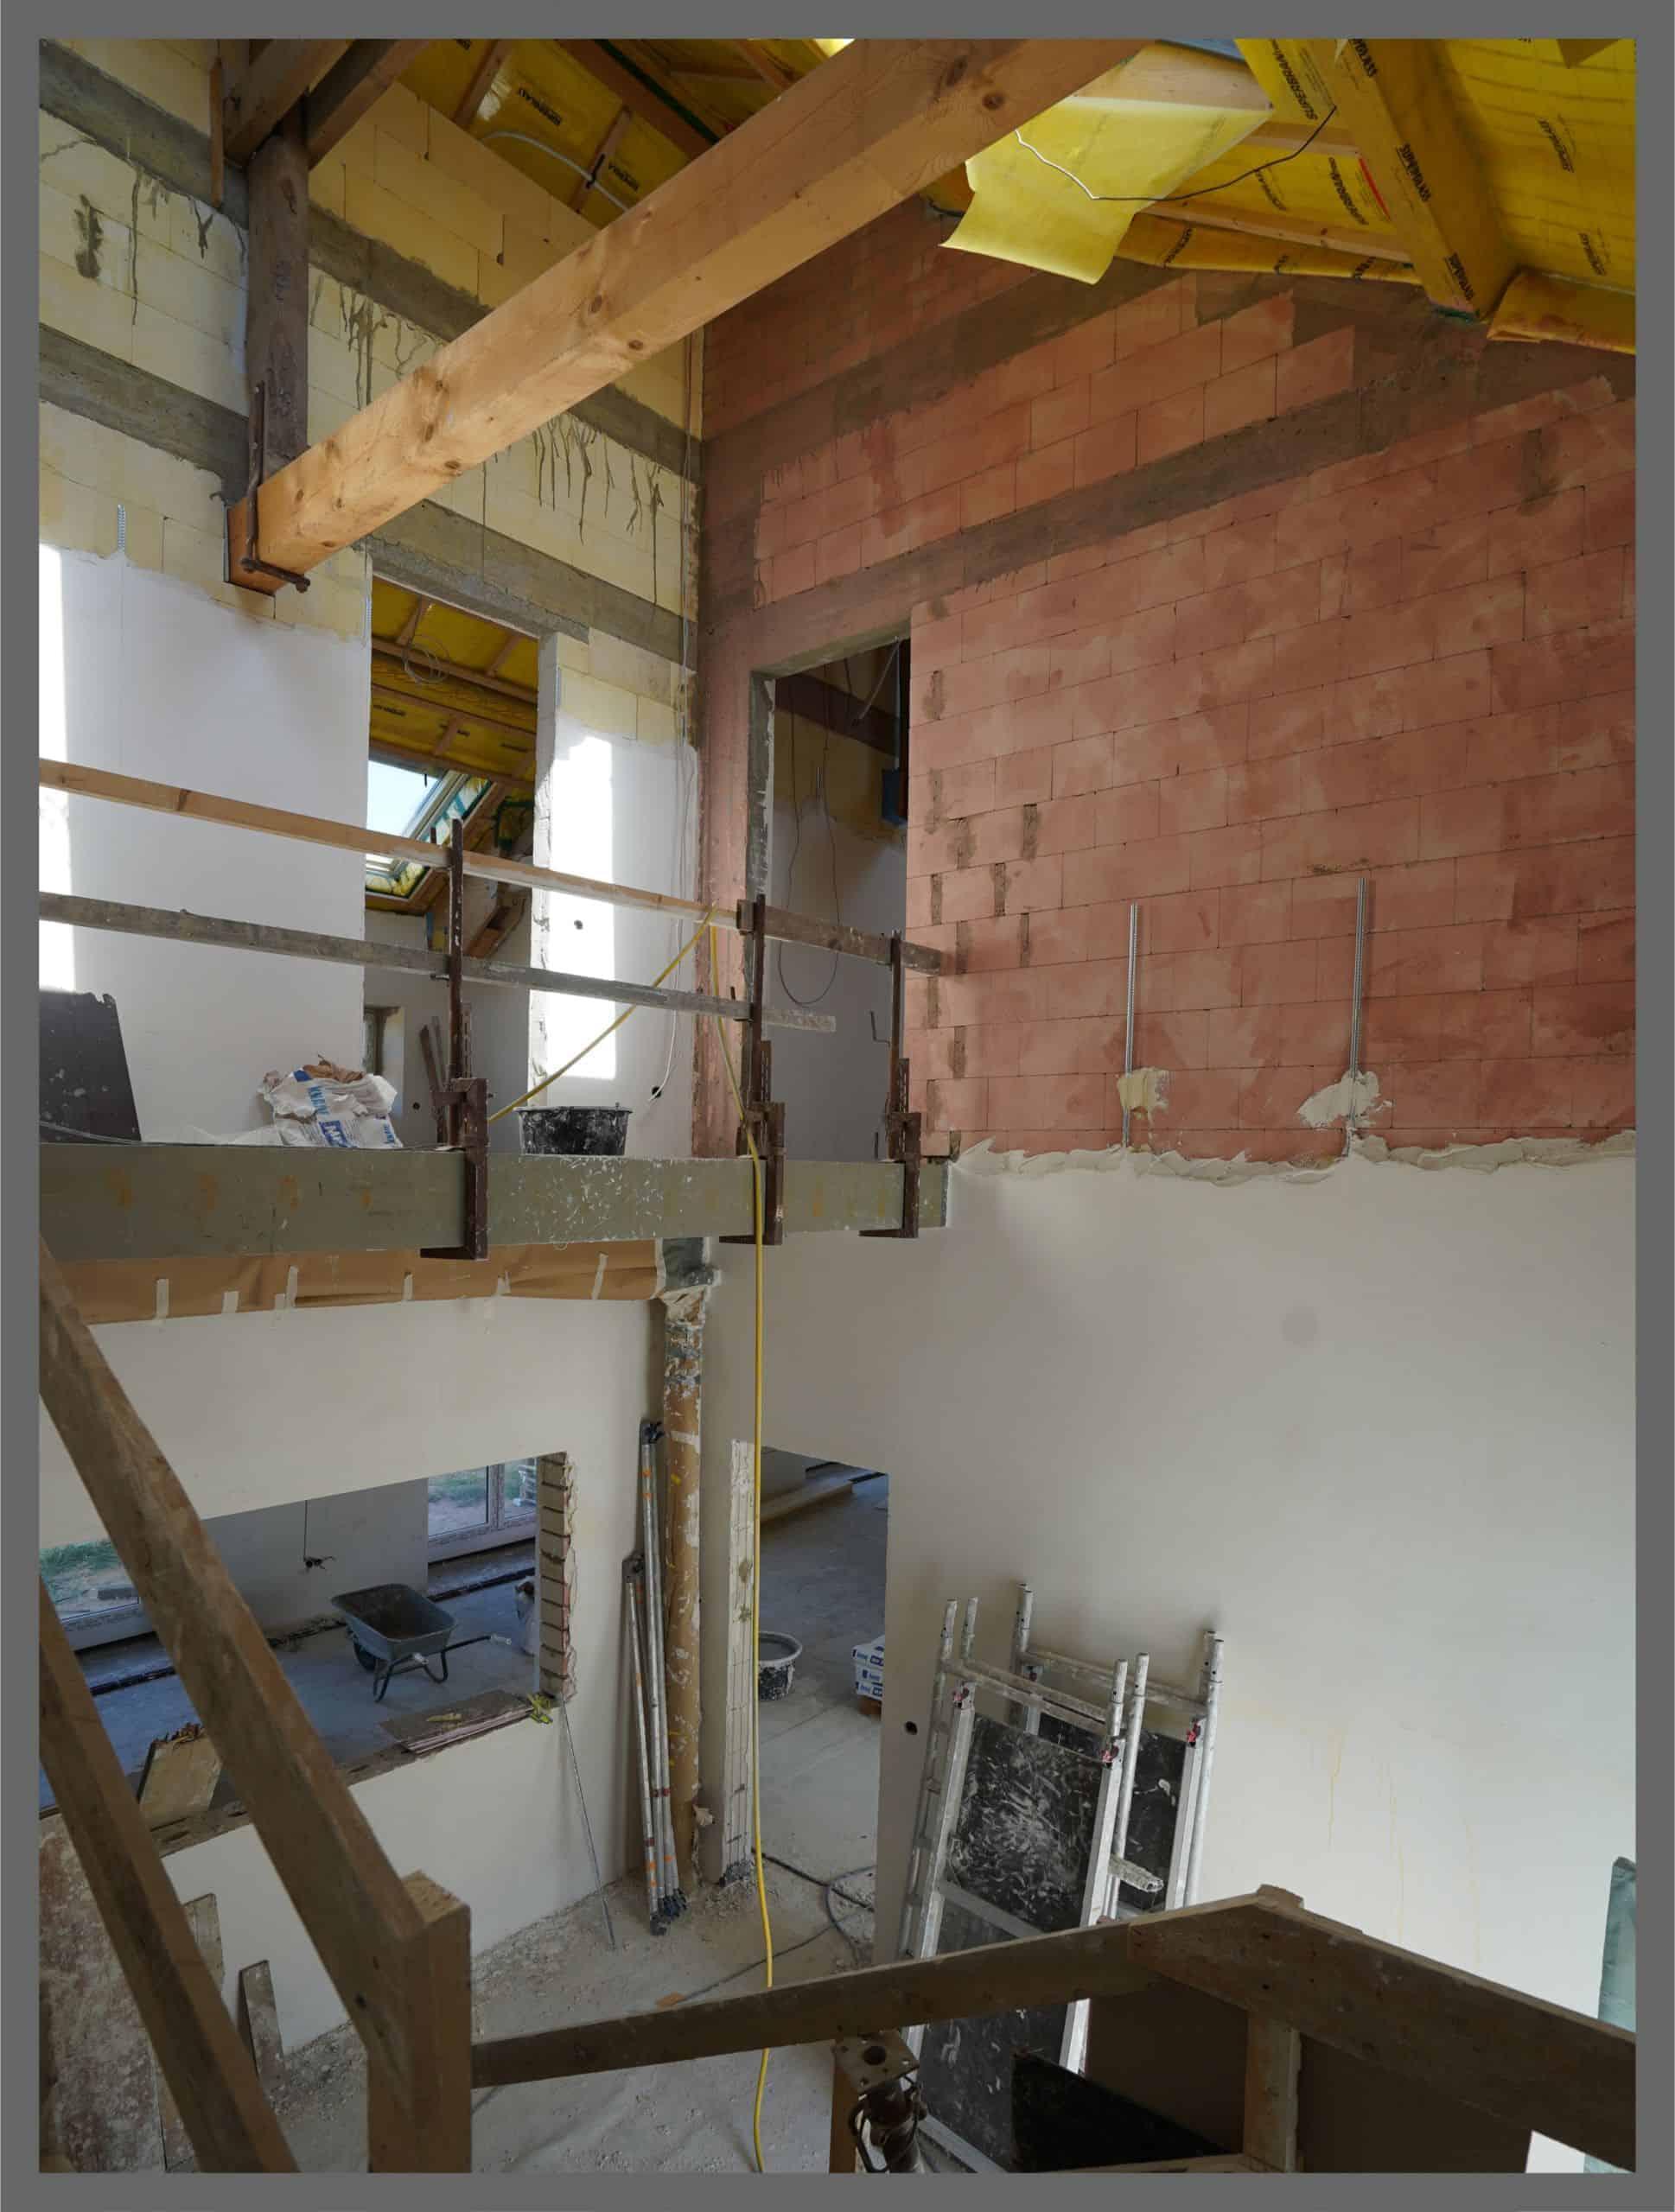 Treppenhaus teilweise verputzt, nicht gestriechen, durch Malerbetrieb Düsseldorf ausgeführt